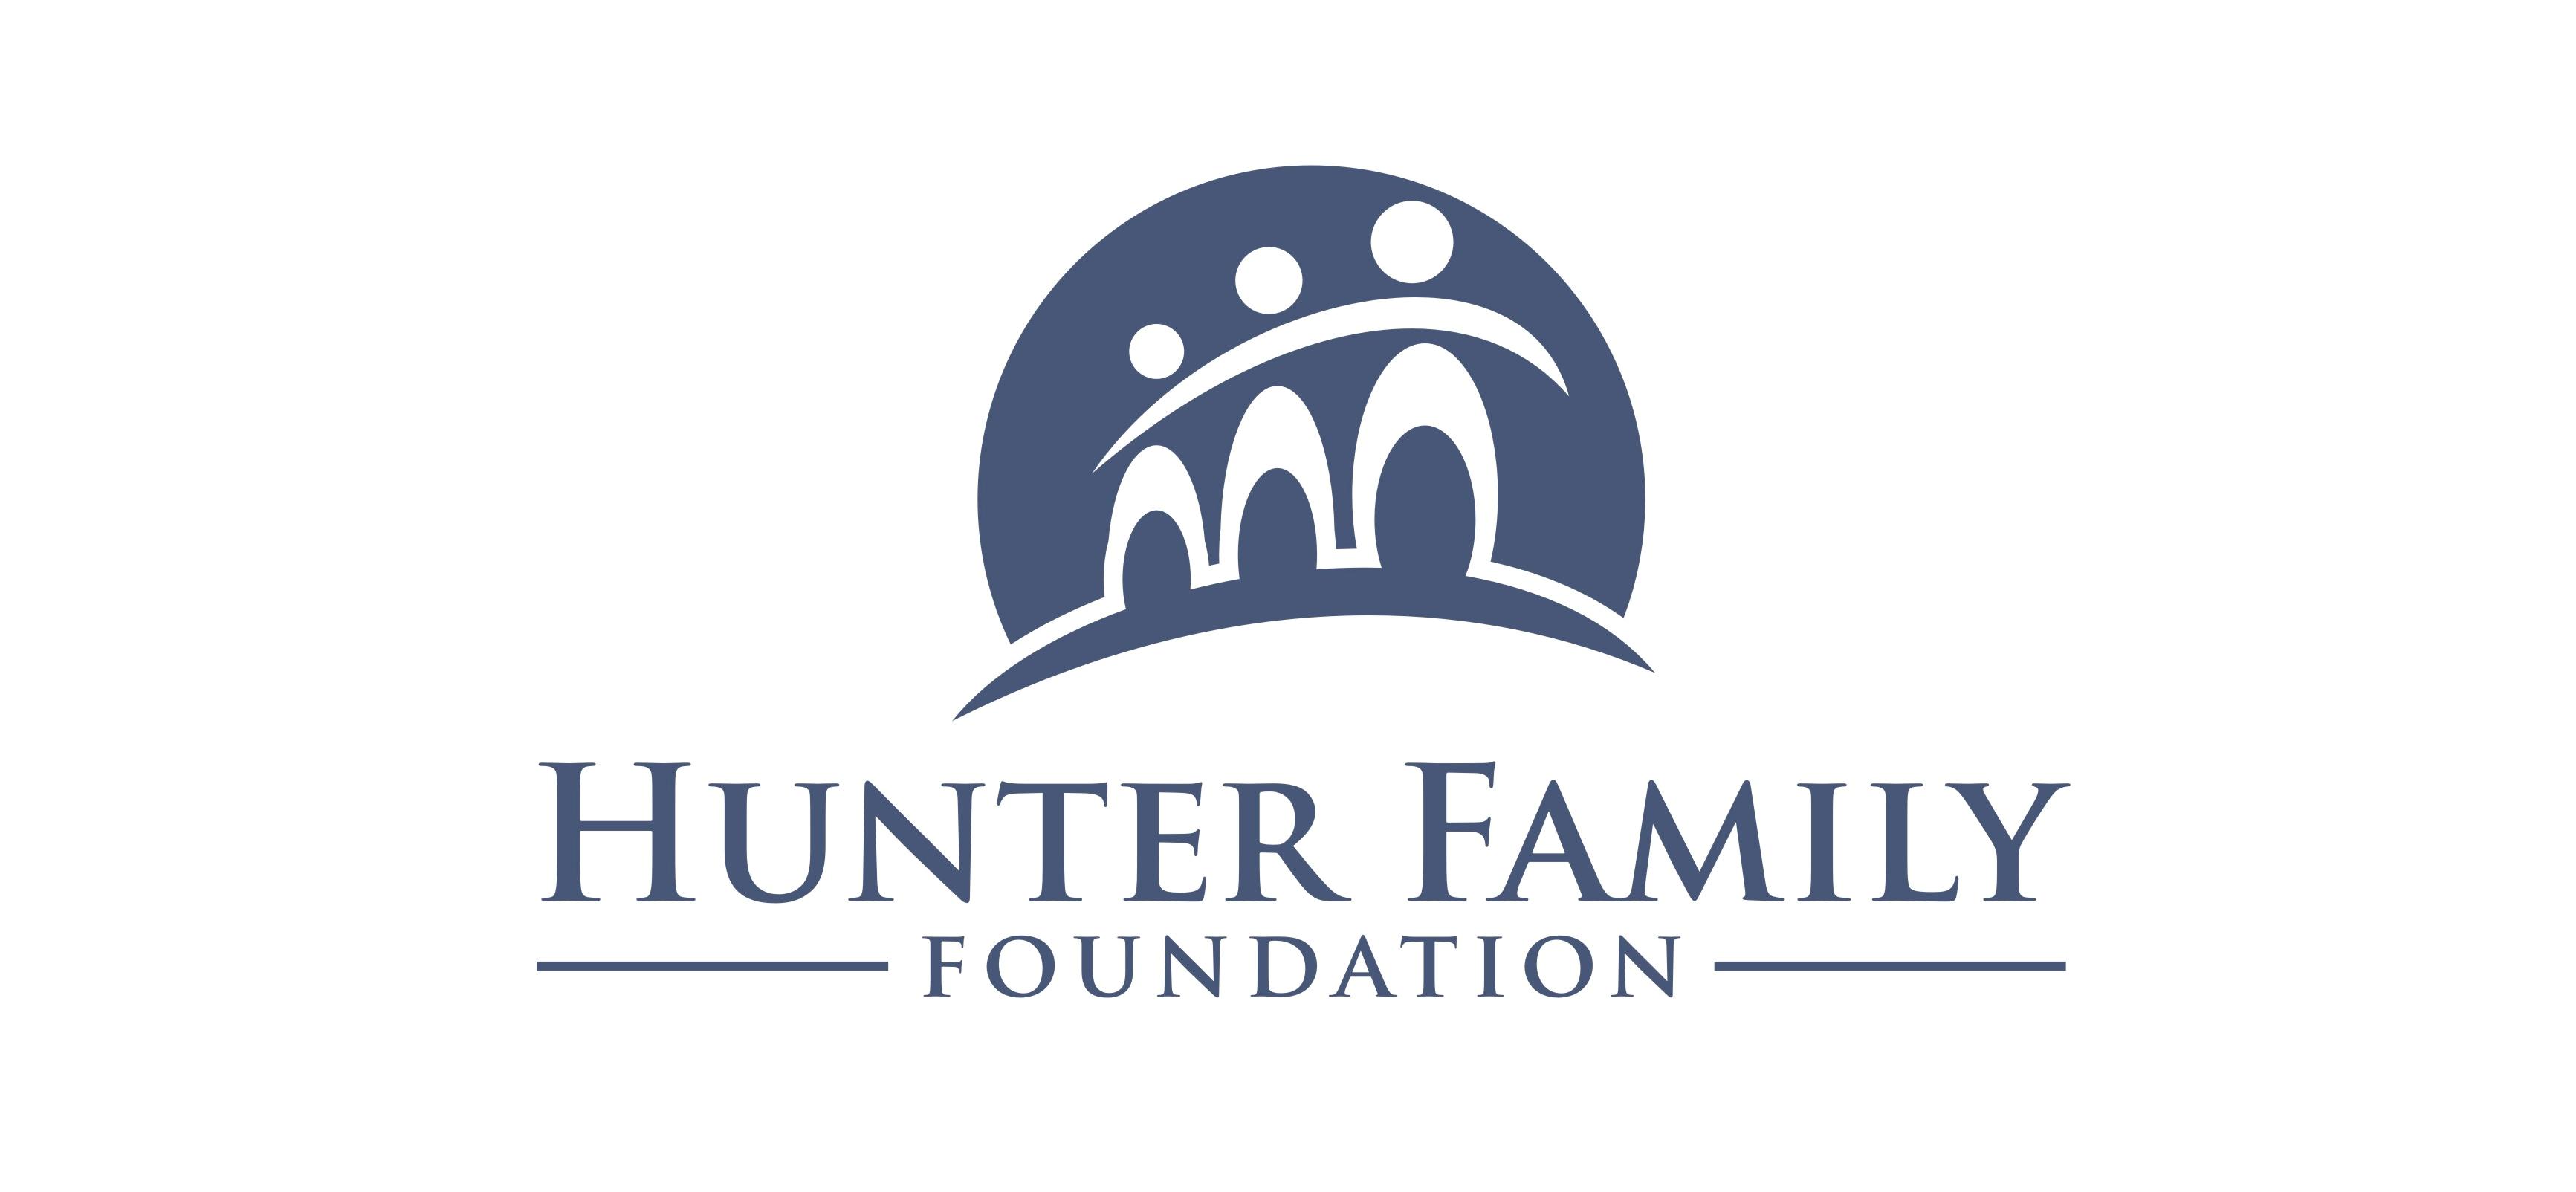 Hunter Family sponsorship logo